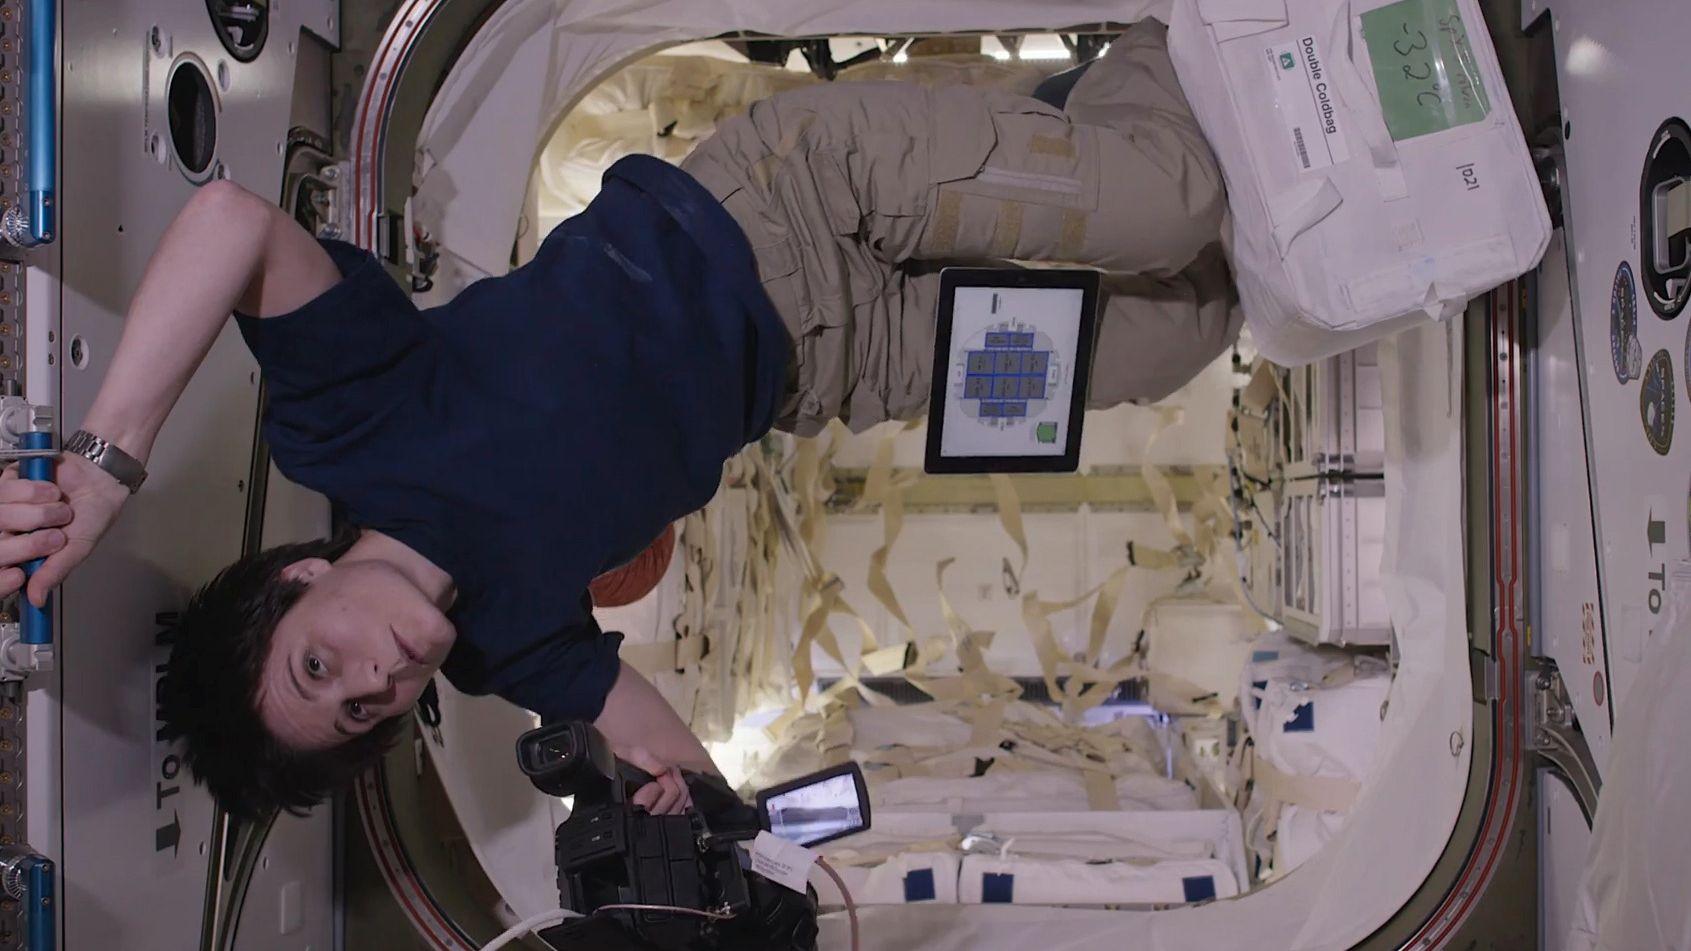 Sjekk denne lekre 4K-videoen fra ISS